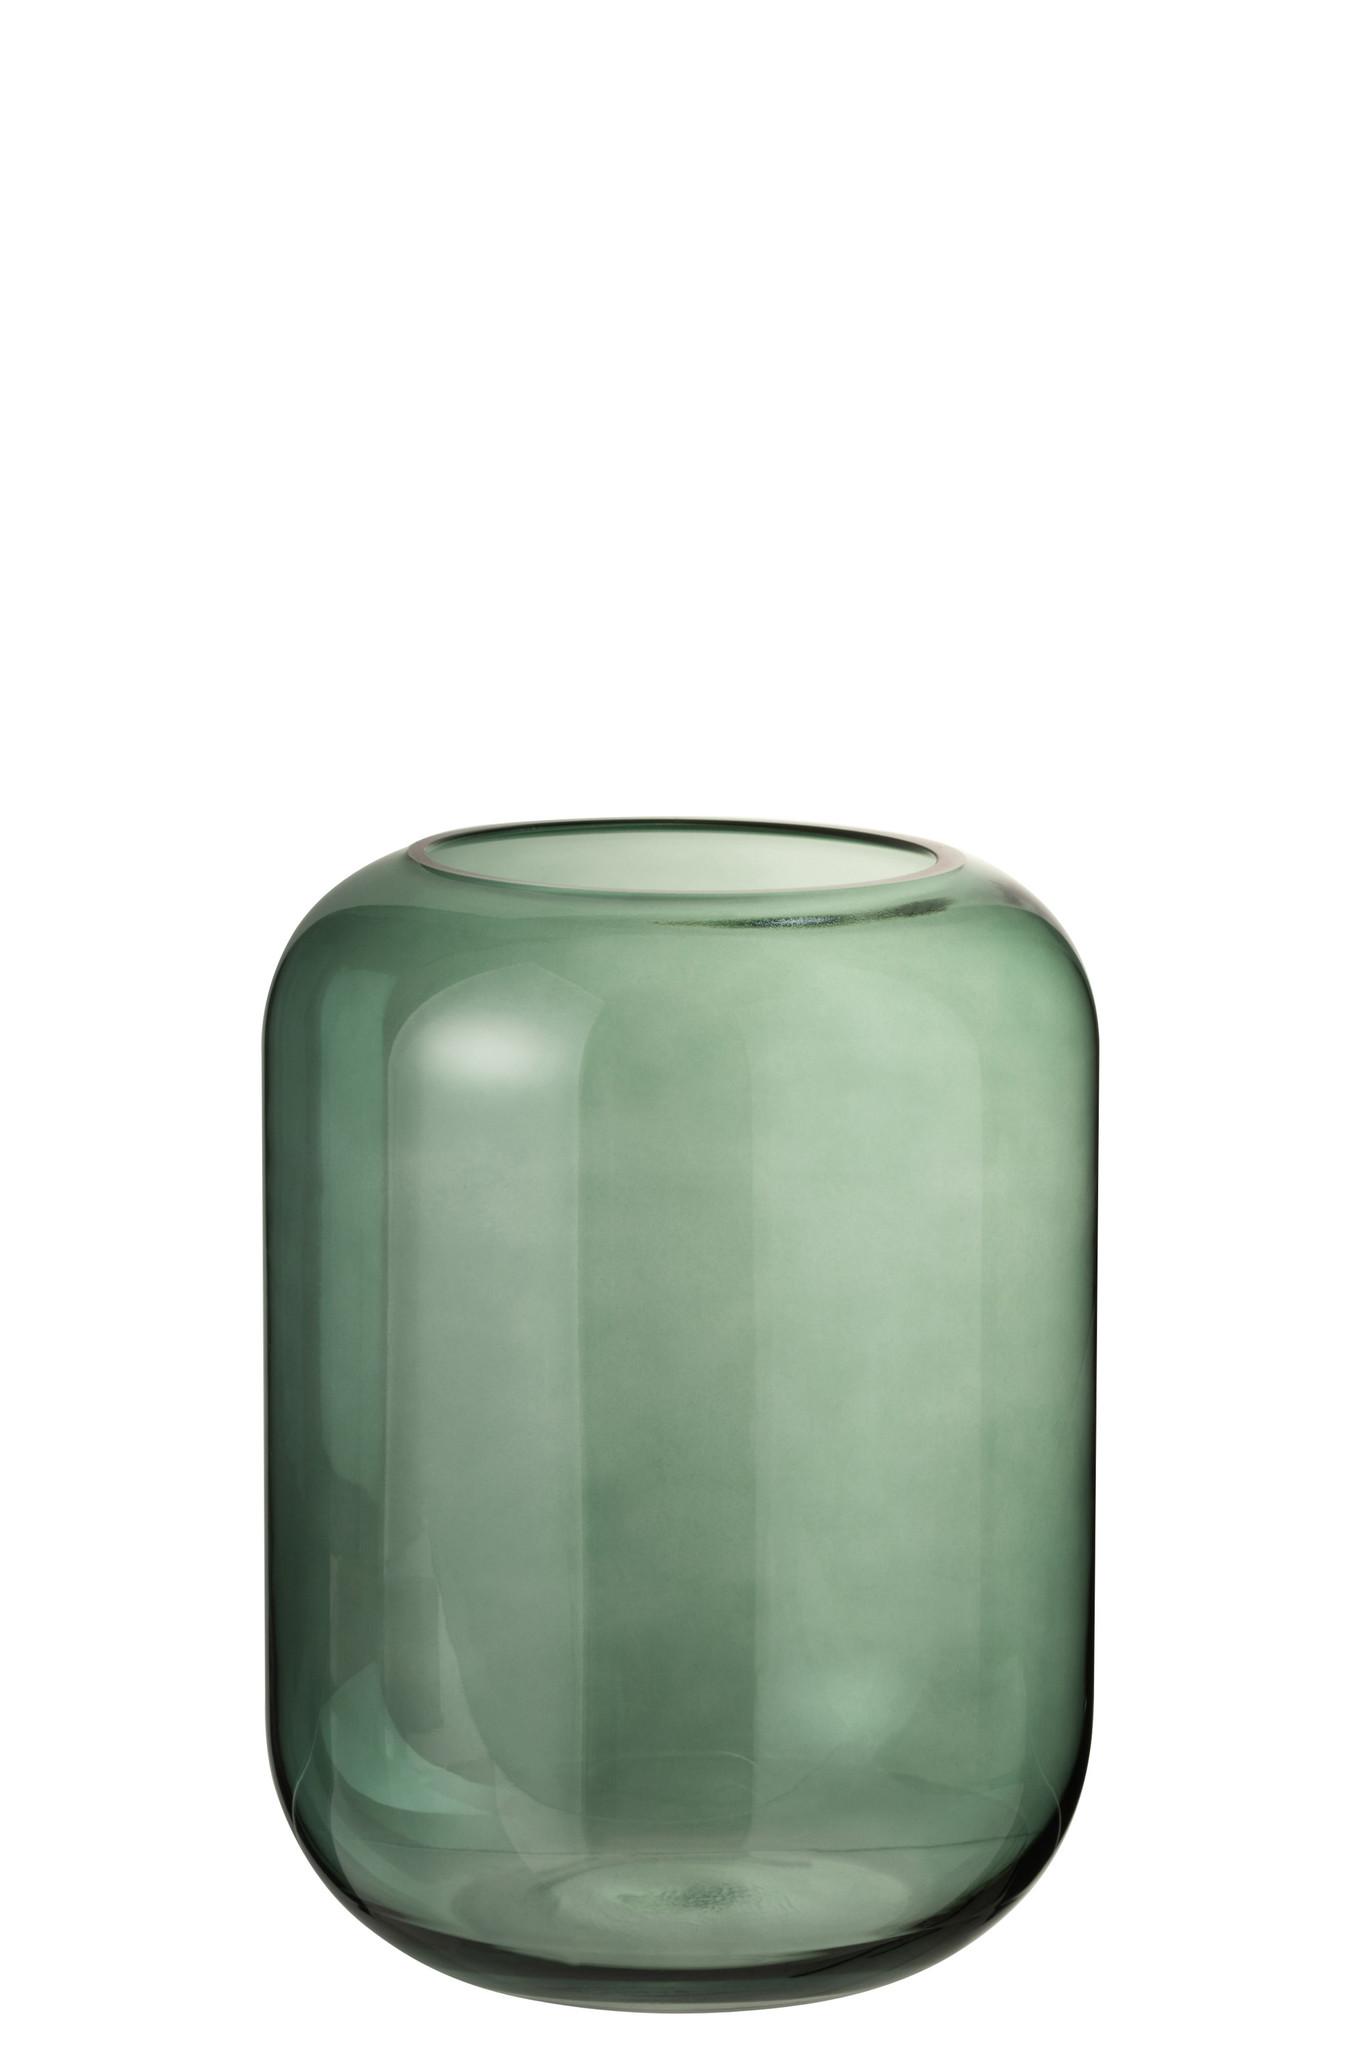 Vaas Rond Hoog Groen Glas Medium-1